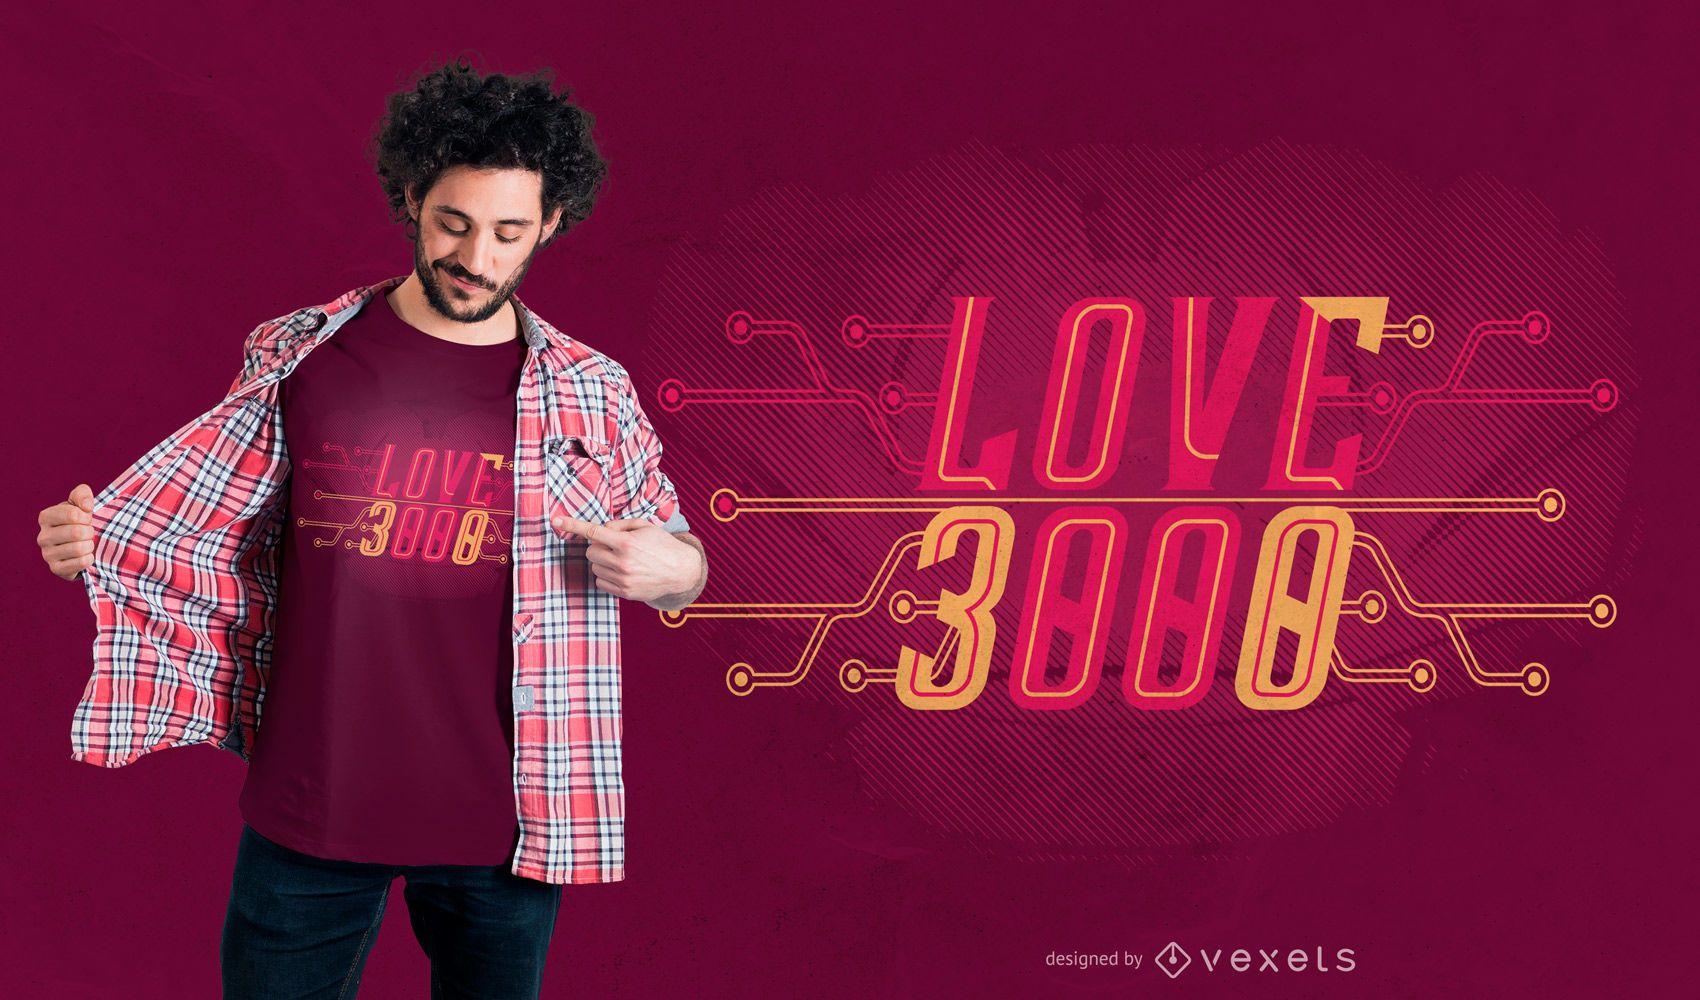 Te amo 3000 t-shirt design